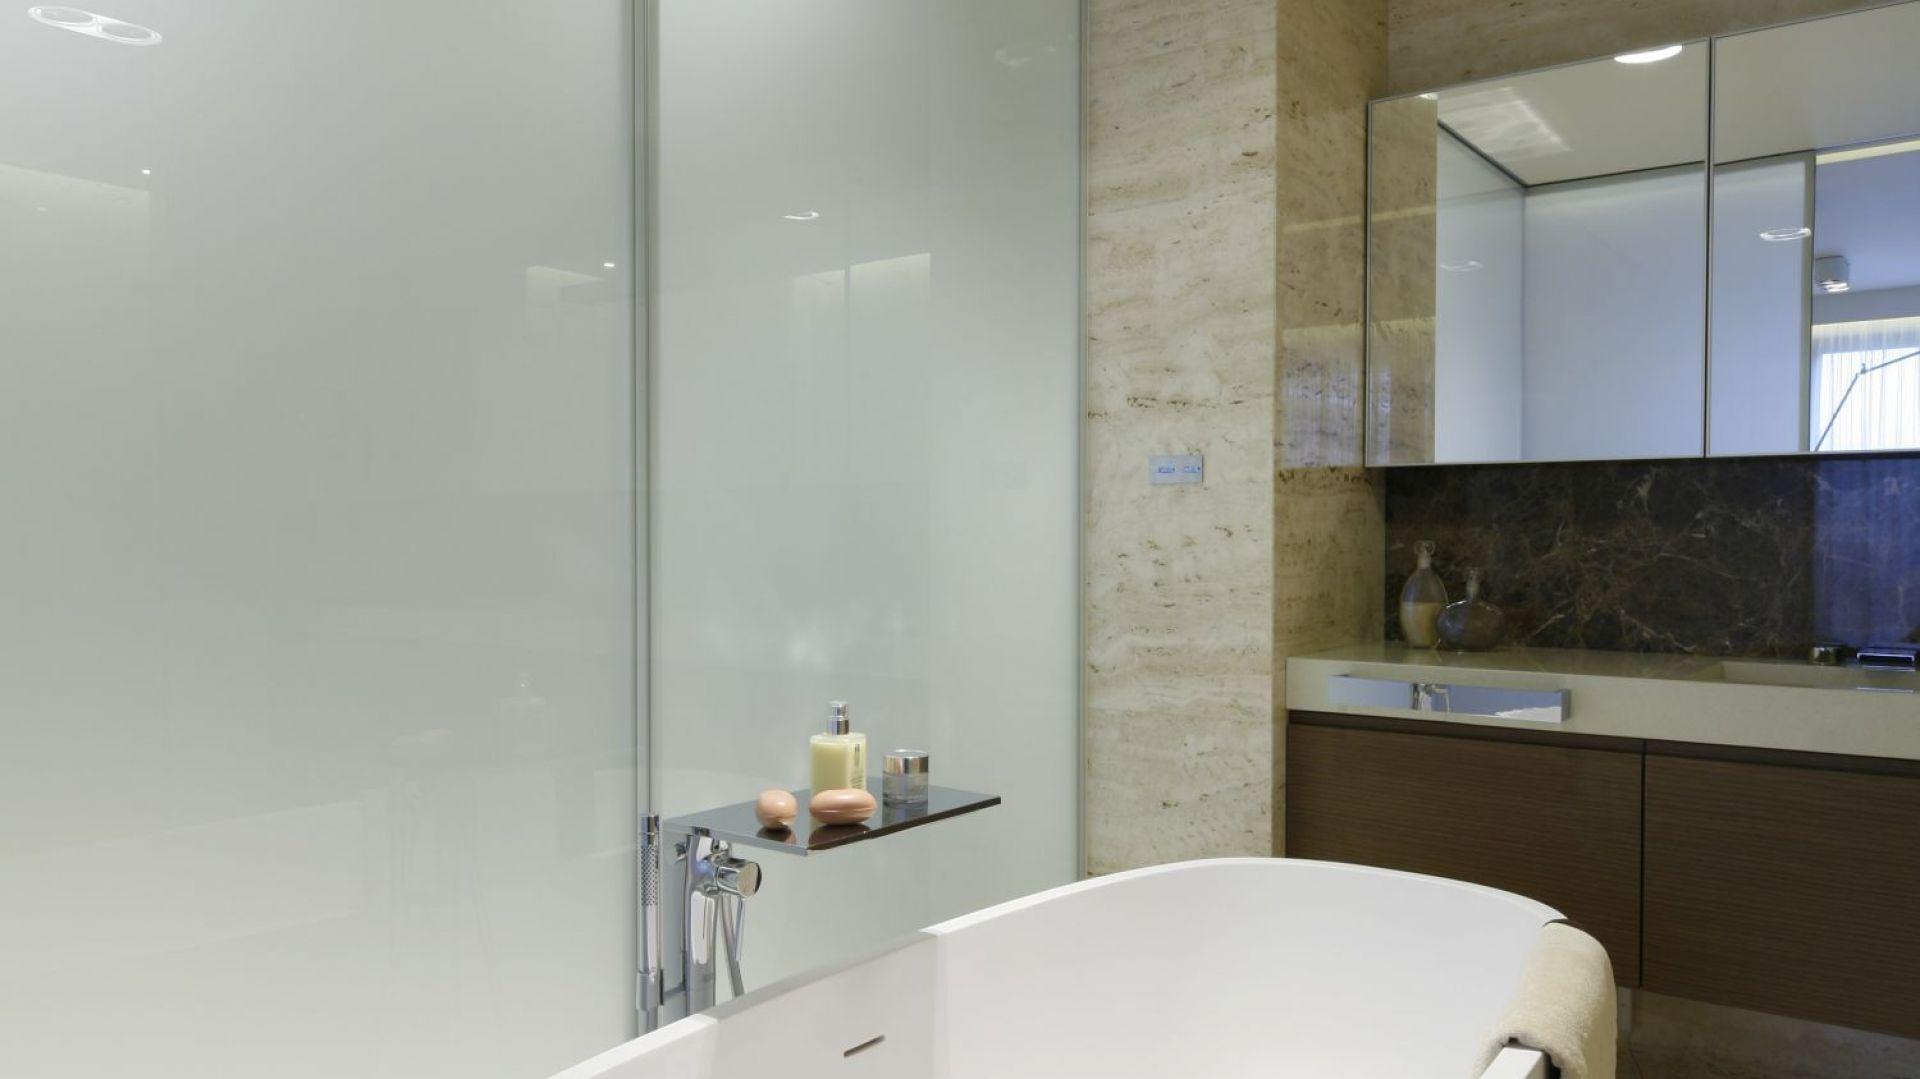 Przez matowe szkło do łazienki dociera światło naturalne. Projekt: Anna Fodemska. Fot. Bartosz Jarosz